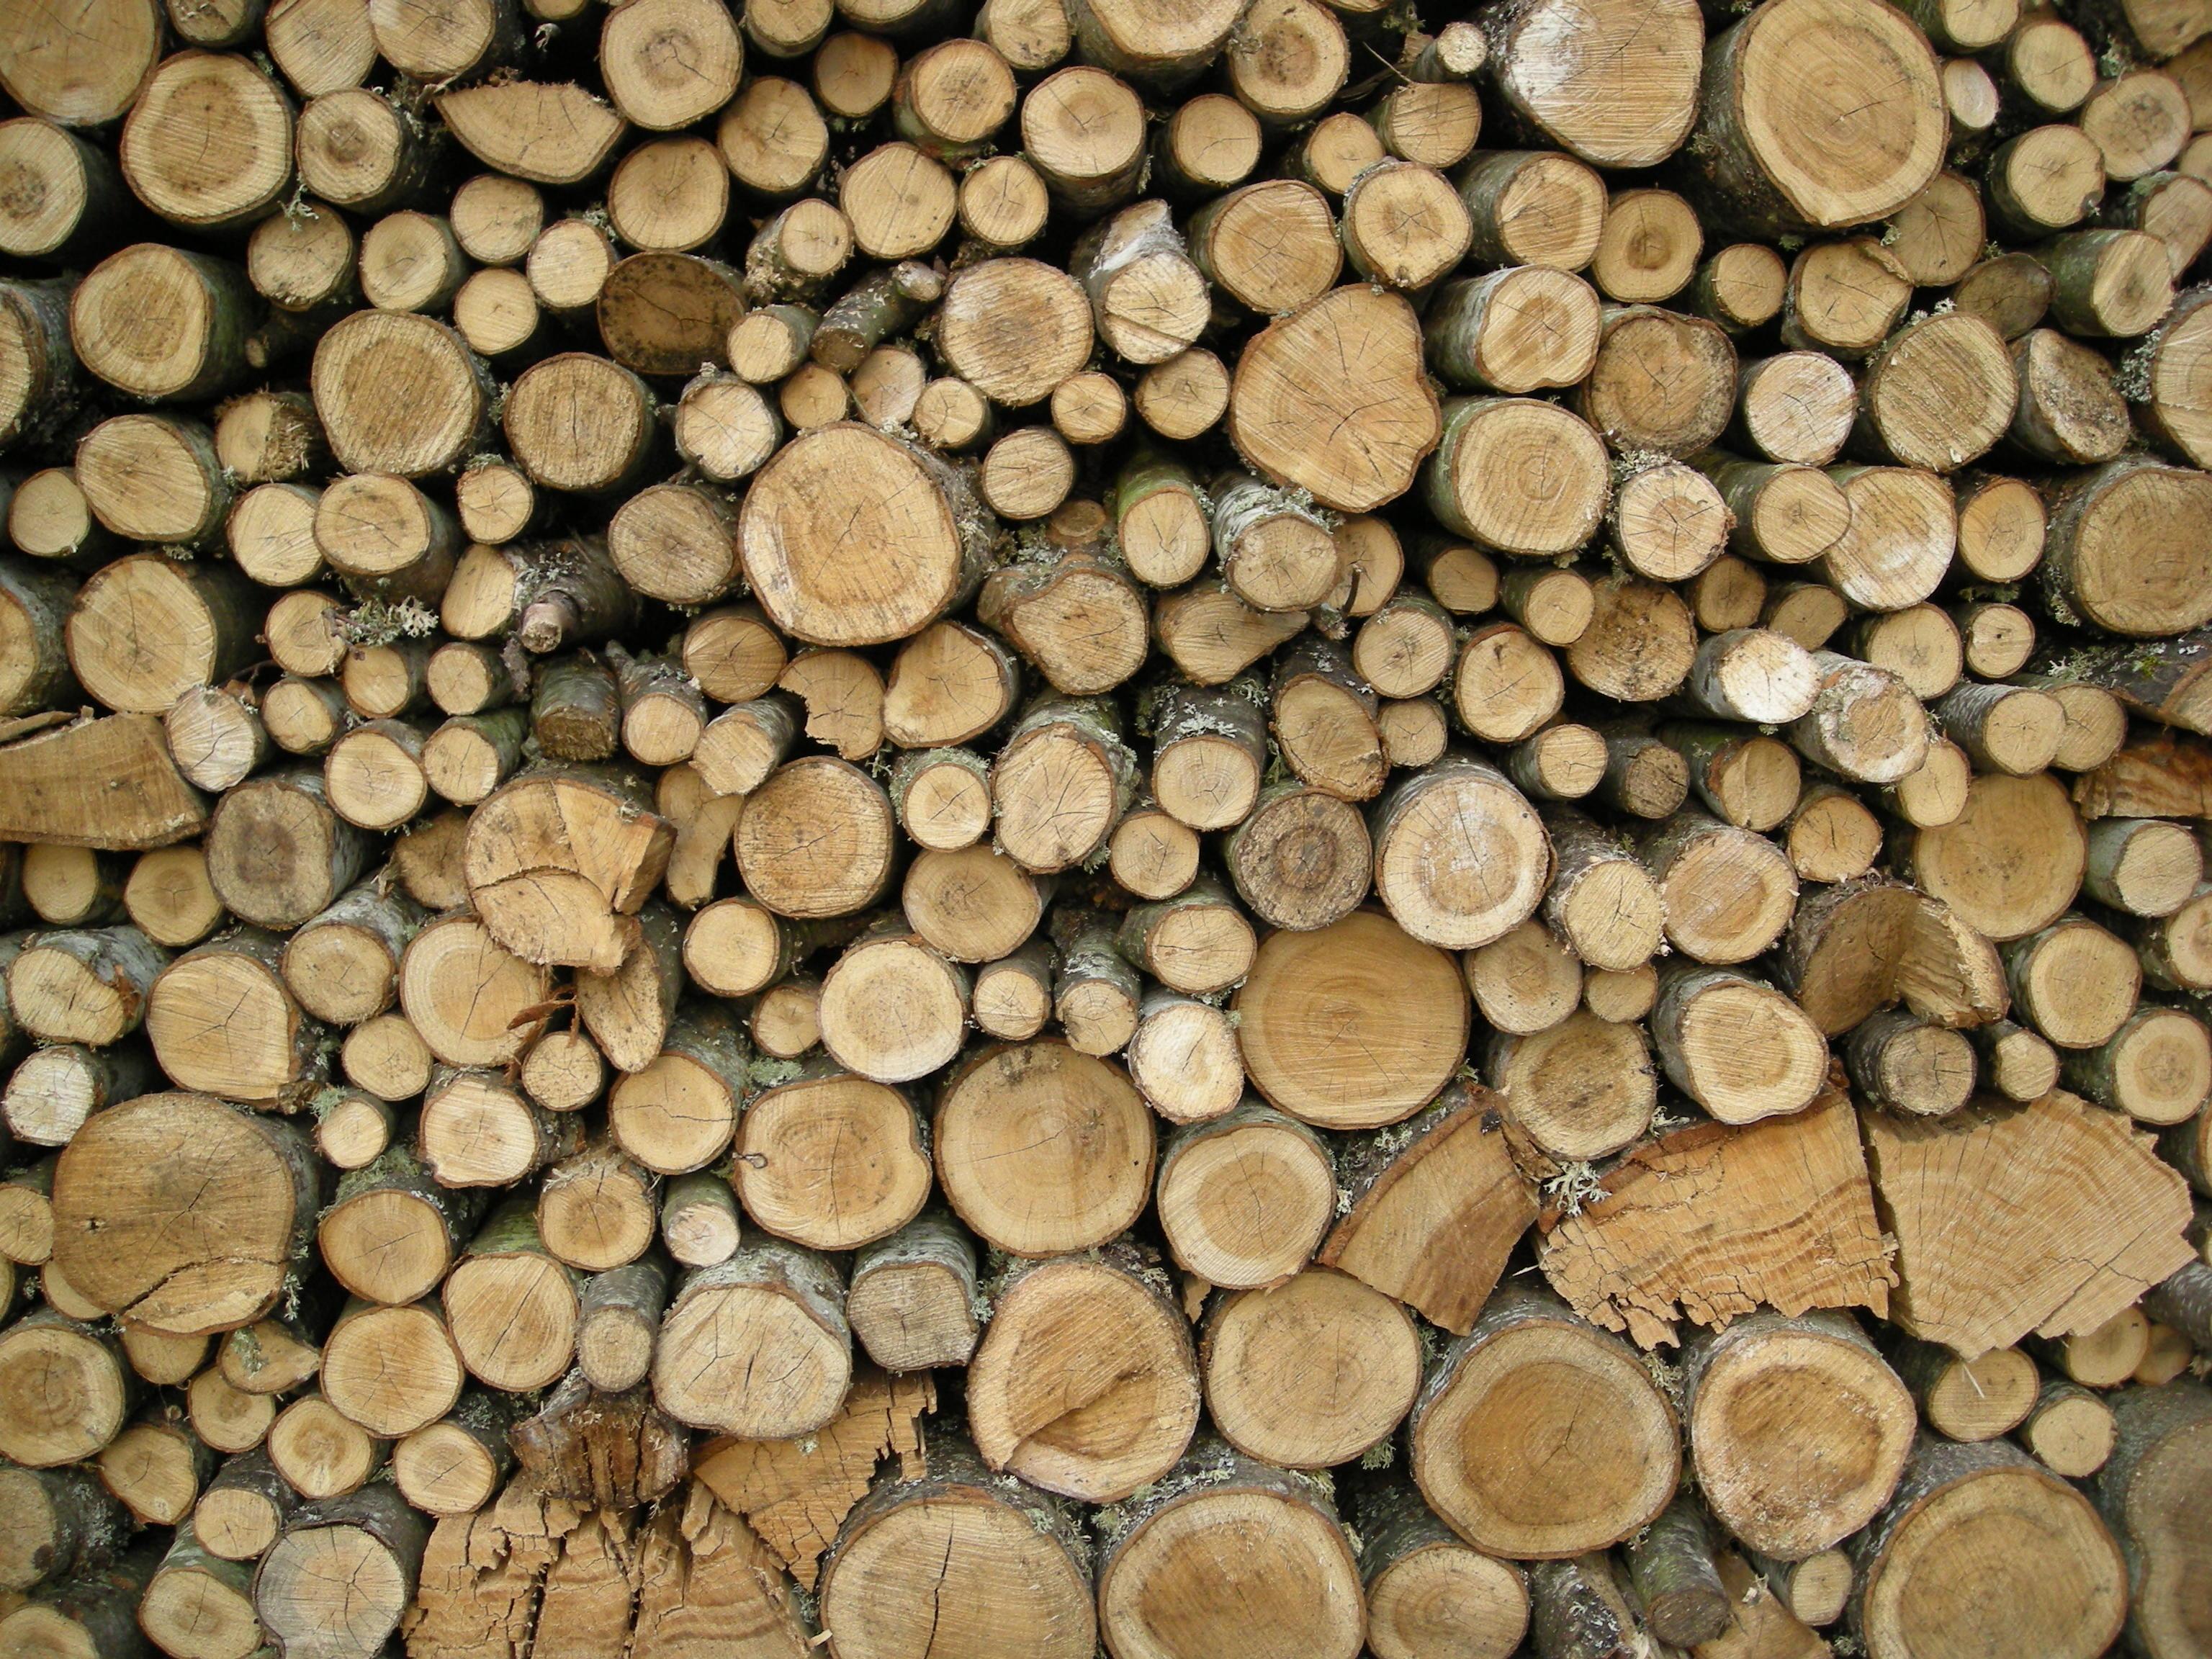 Ülikoolid hakkavad nõustama uudse puidurafineerimistehase teadusuuringuid